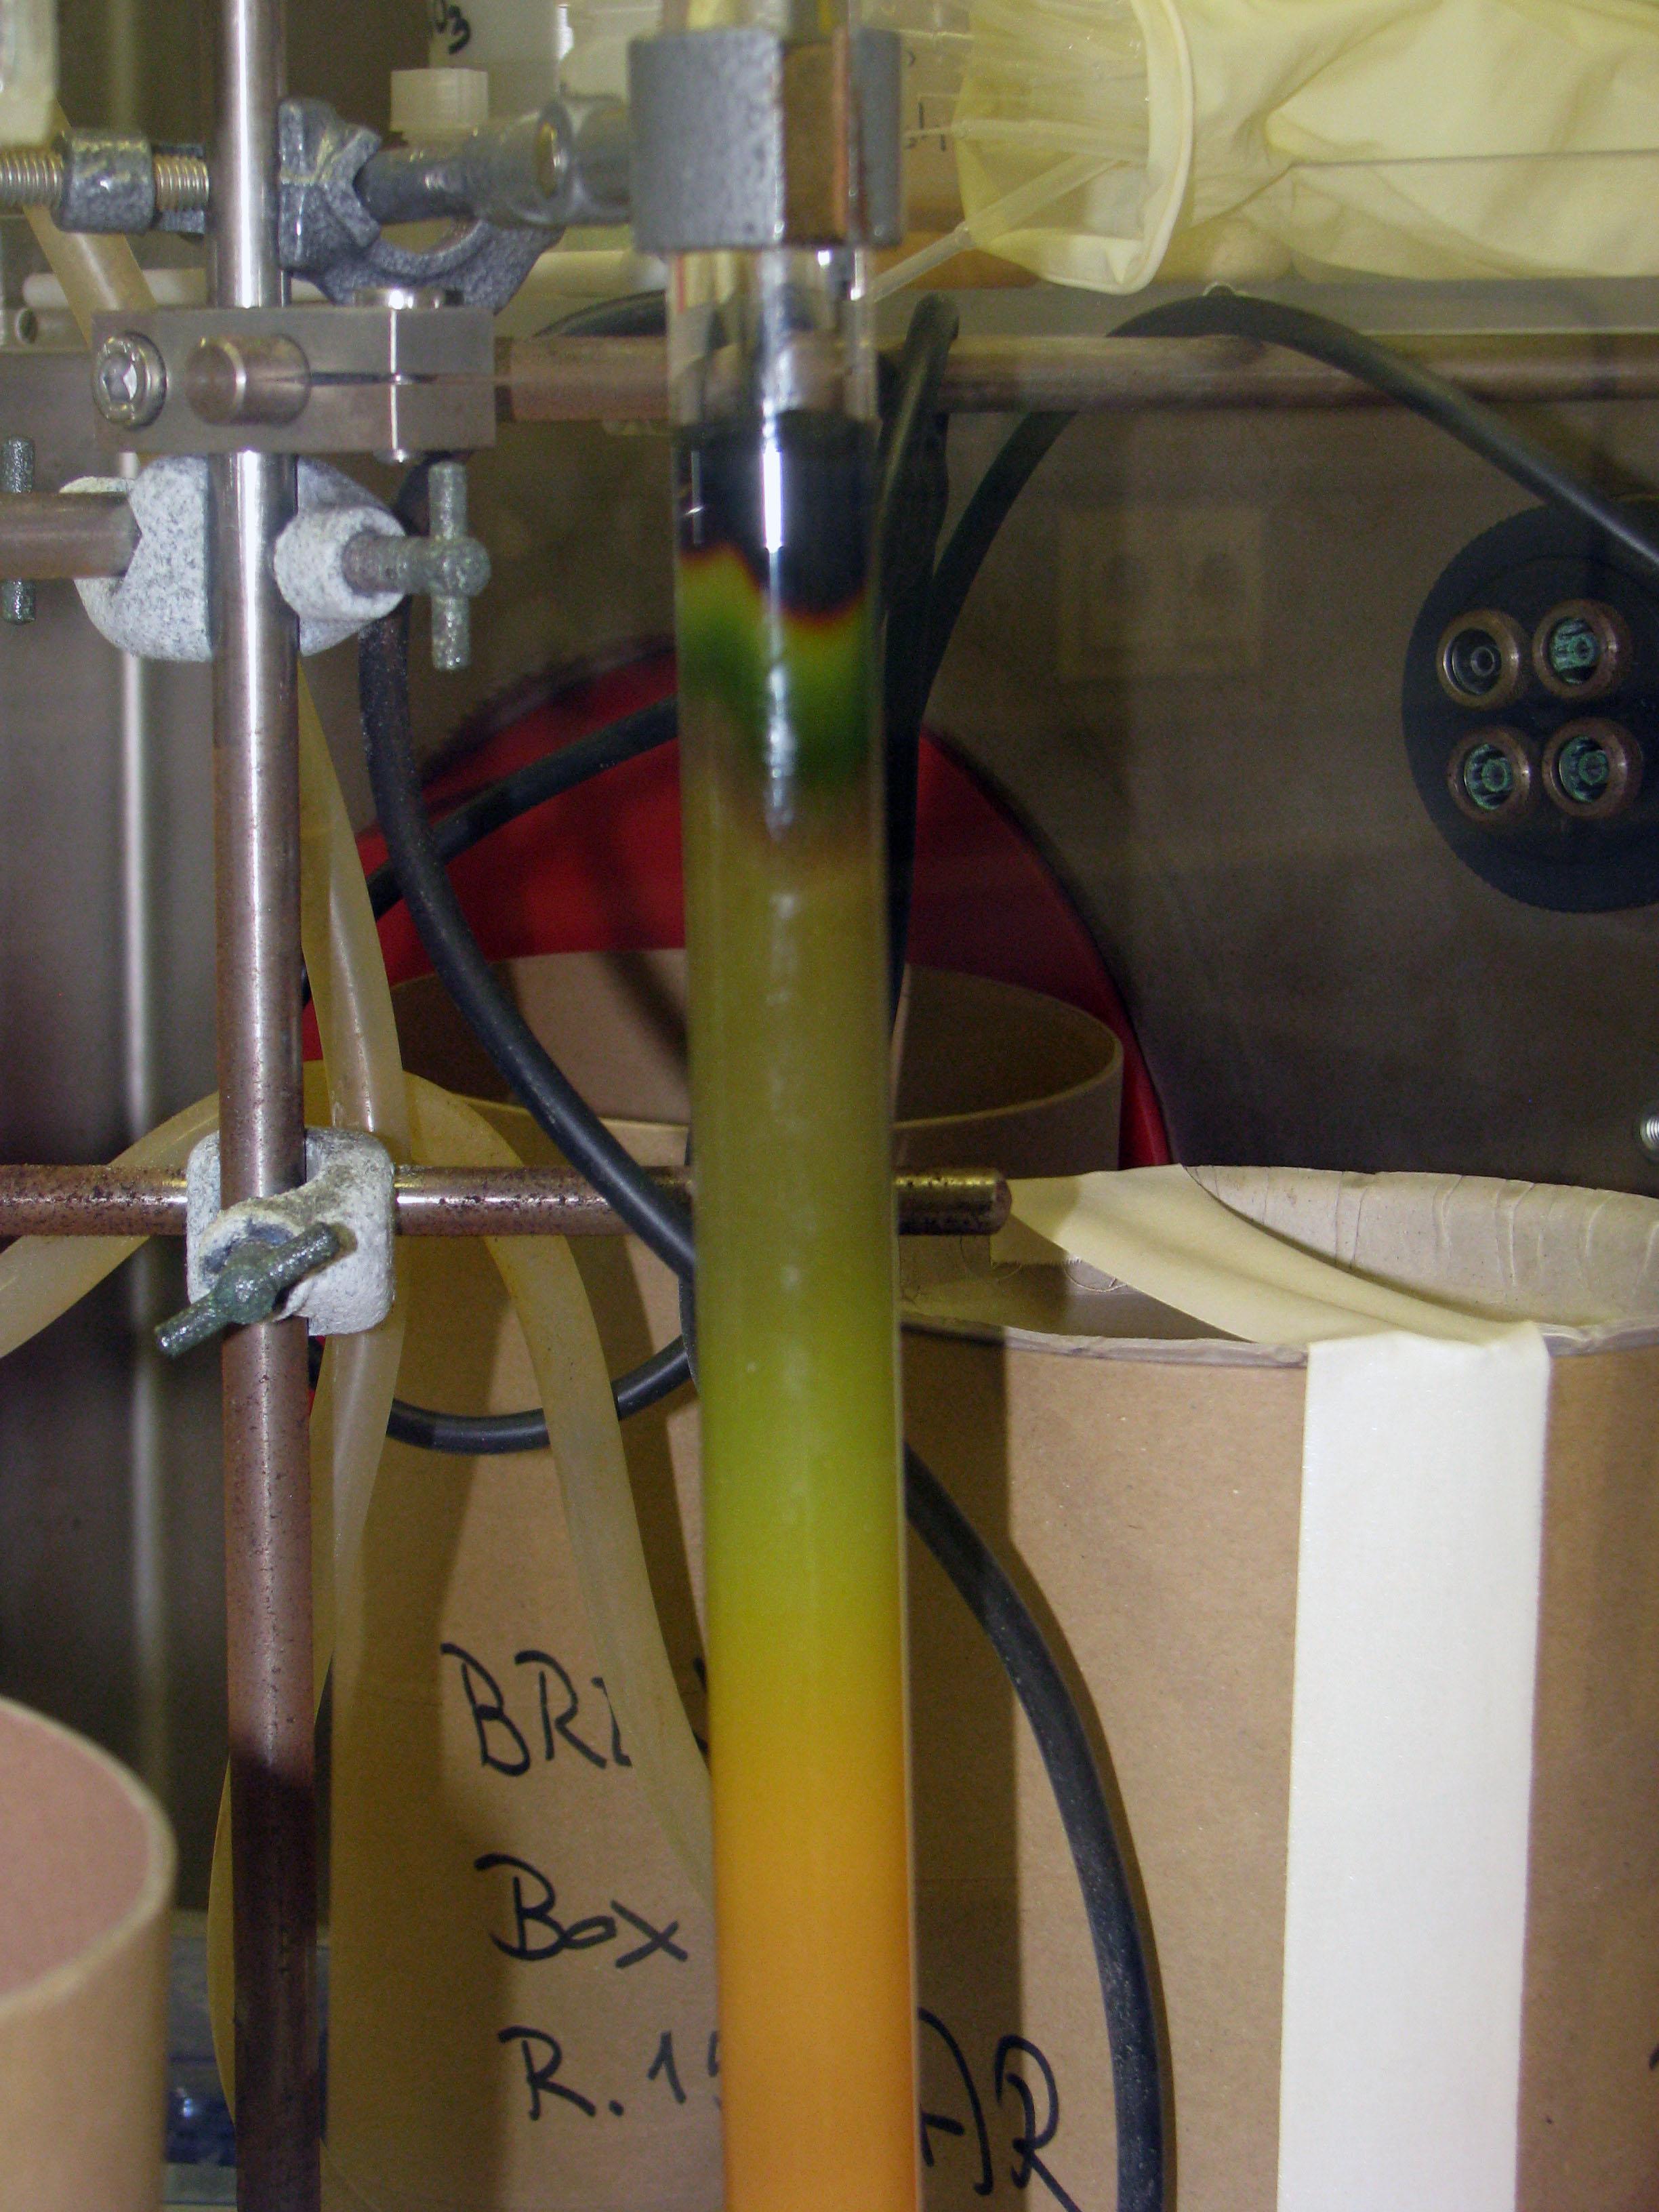 Процесс пошел. При промывании 2 М соляной кислотой анионные комплексы Np(IV)  разрушаются  и  нептуний  начинает  элюироваться.  На  фотографиях  четко виден фронт продвижения нептуния (зеленый цвет). На последней фотографии видно начало элюирования смеси нептуния и иода.